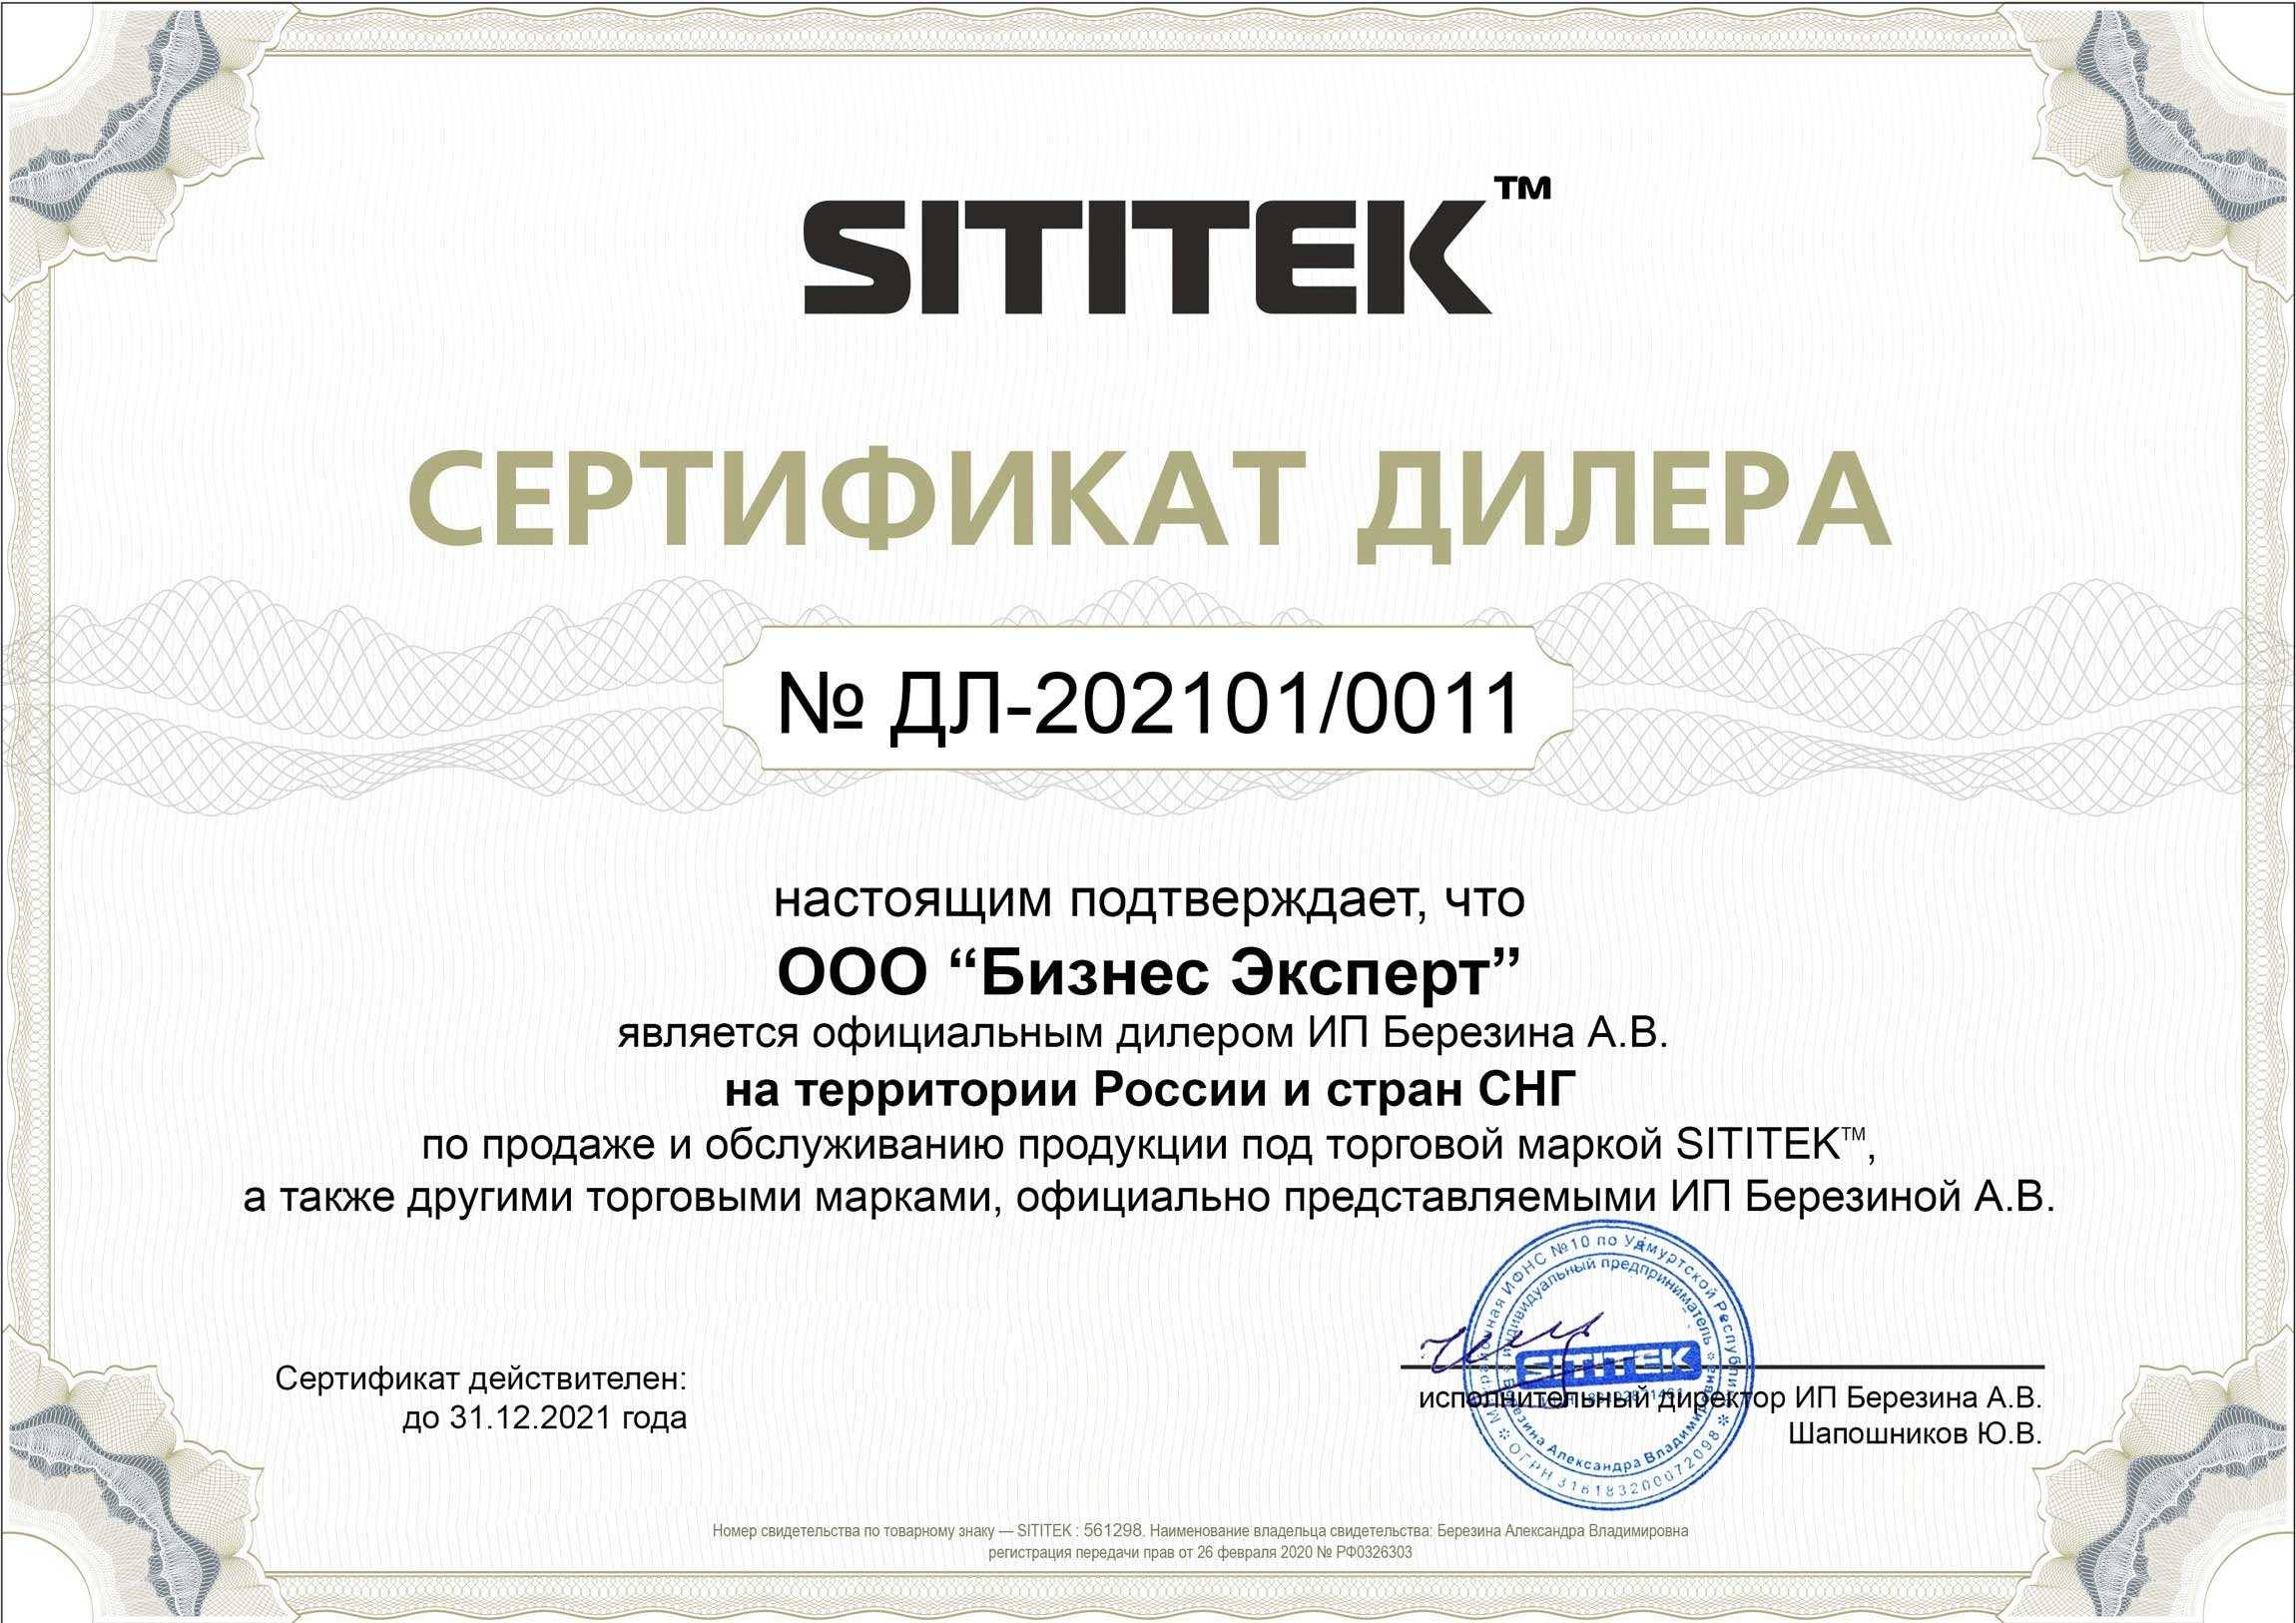 Сертификат дилера на продажу и обслуживание продукции компании Сититек в России и СНГ